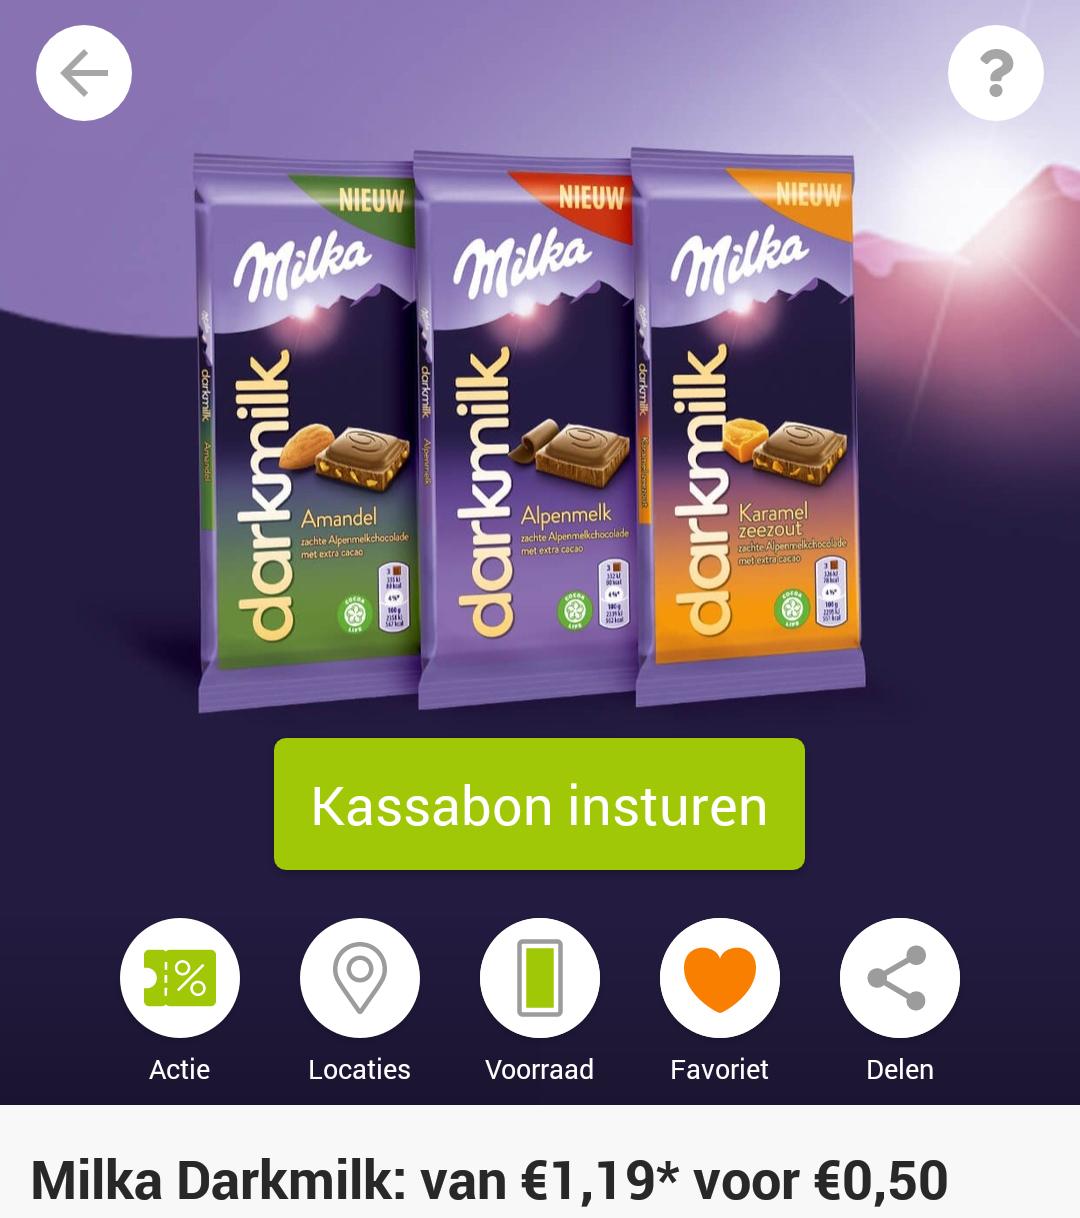 Probeer Milka Dark Milk voor €0,50 via Scoupy